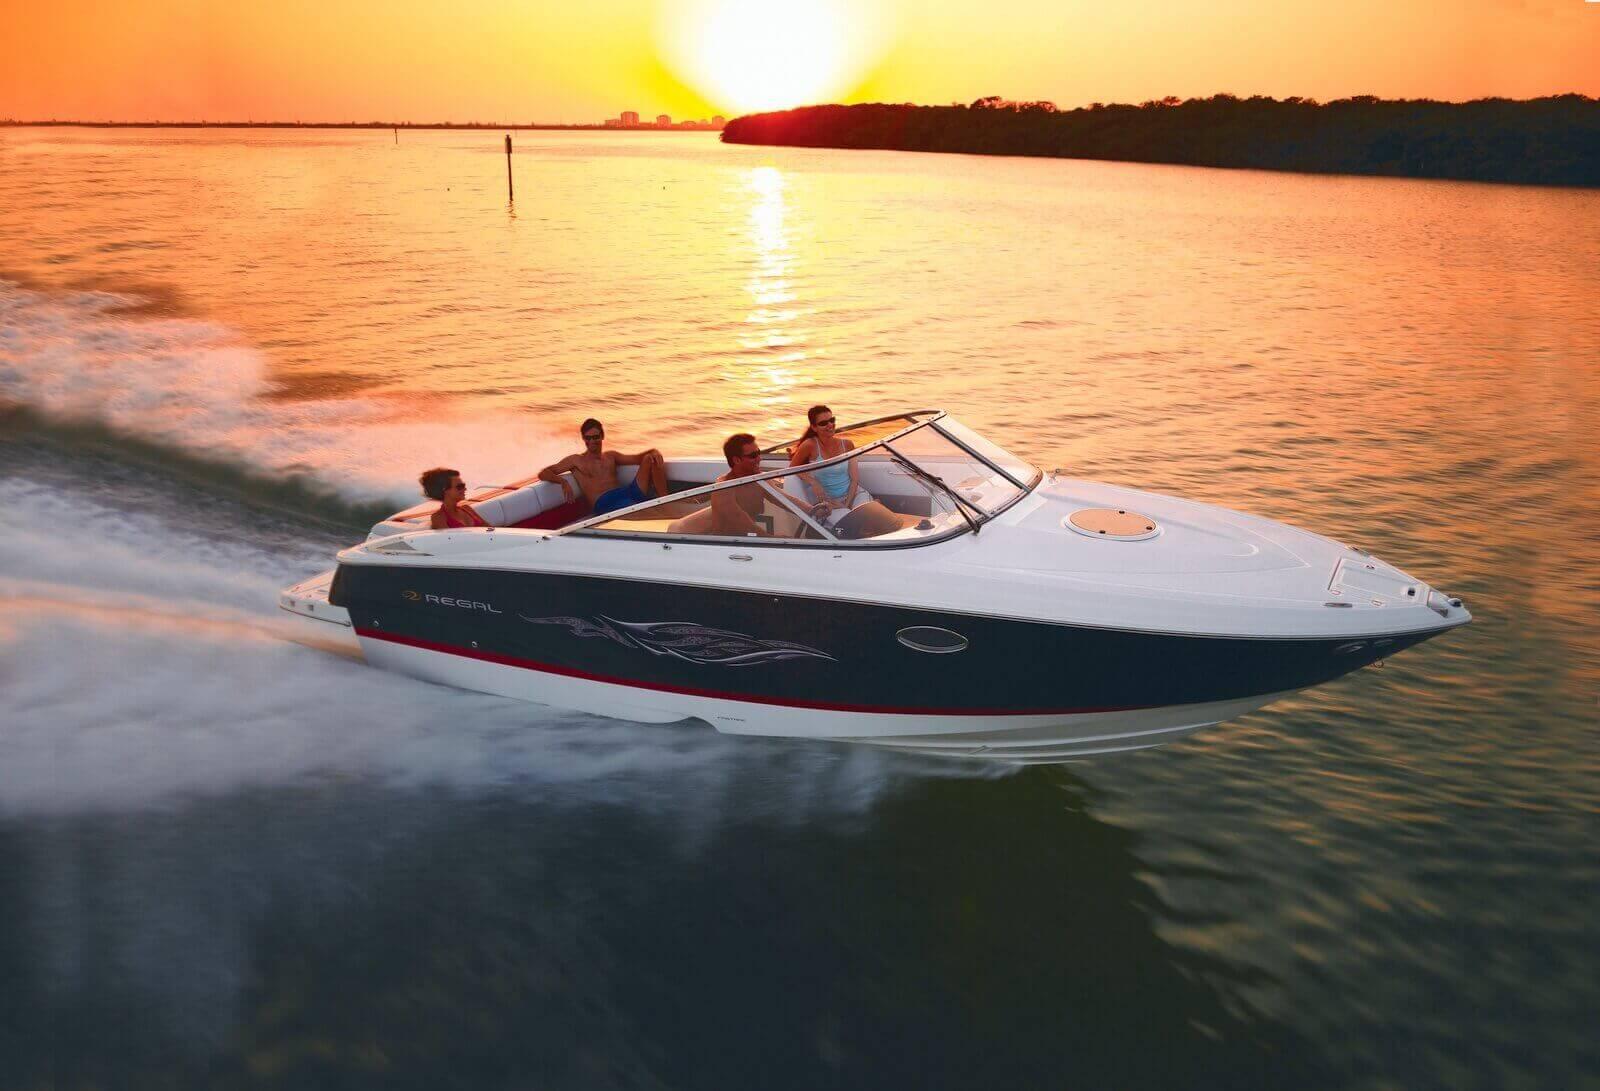 motorový čln Regal 2750 sa plaví pri západe slnka